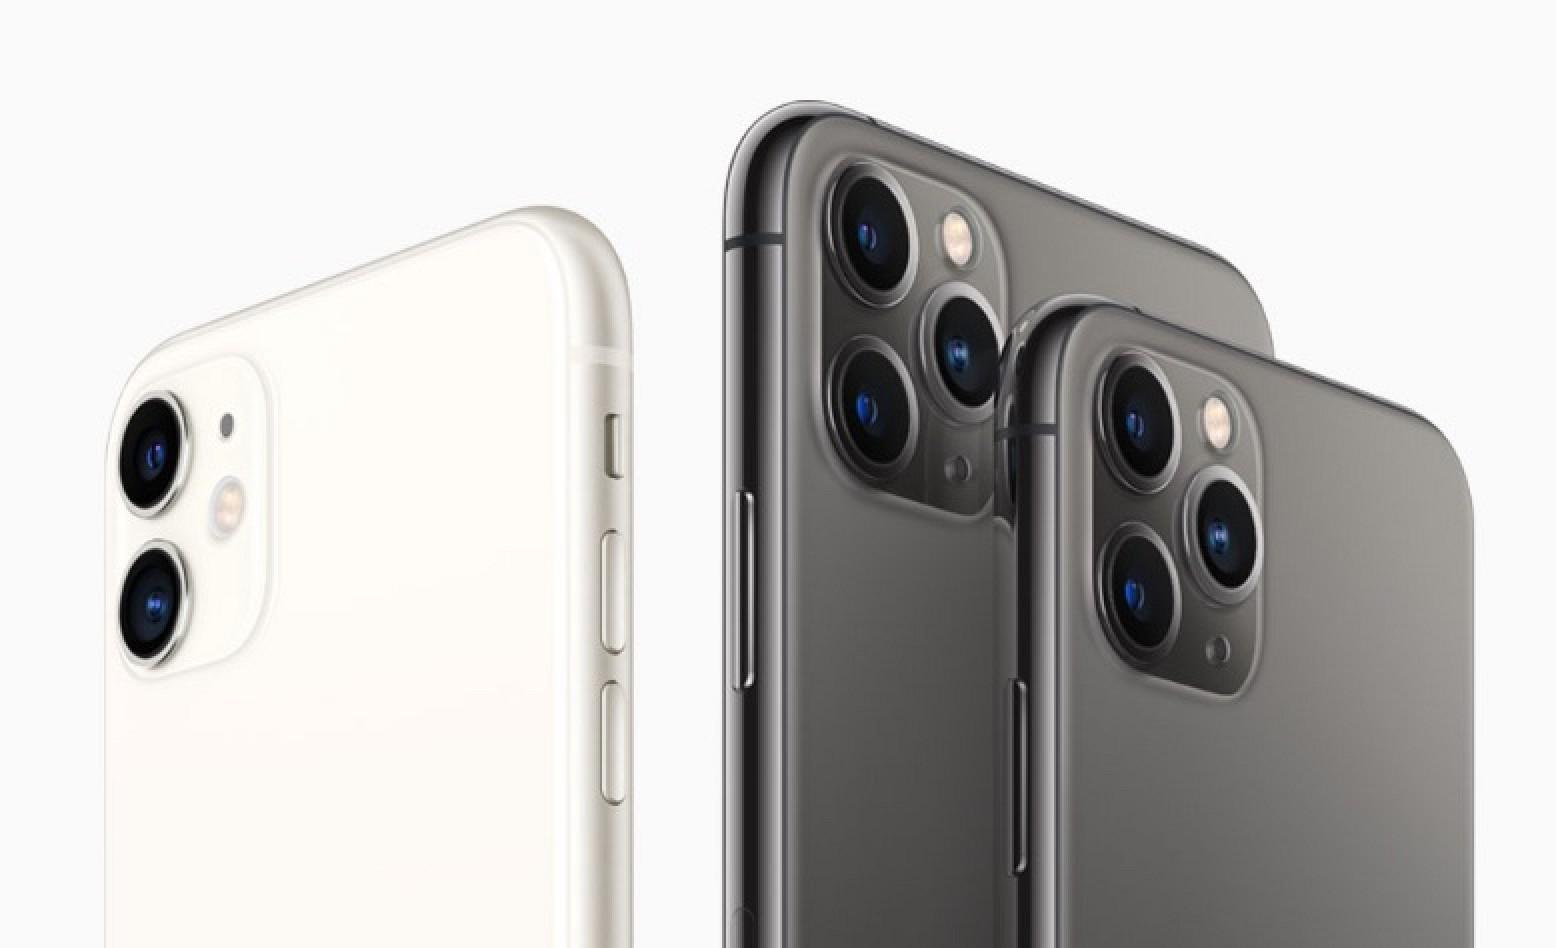 Apple revela la nueva función de fotografía en modo nocturno exclusiva para la serie iPhone 11